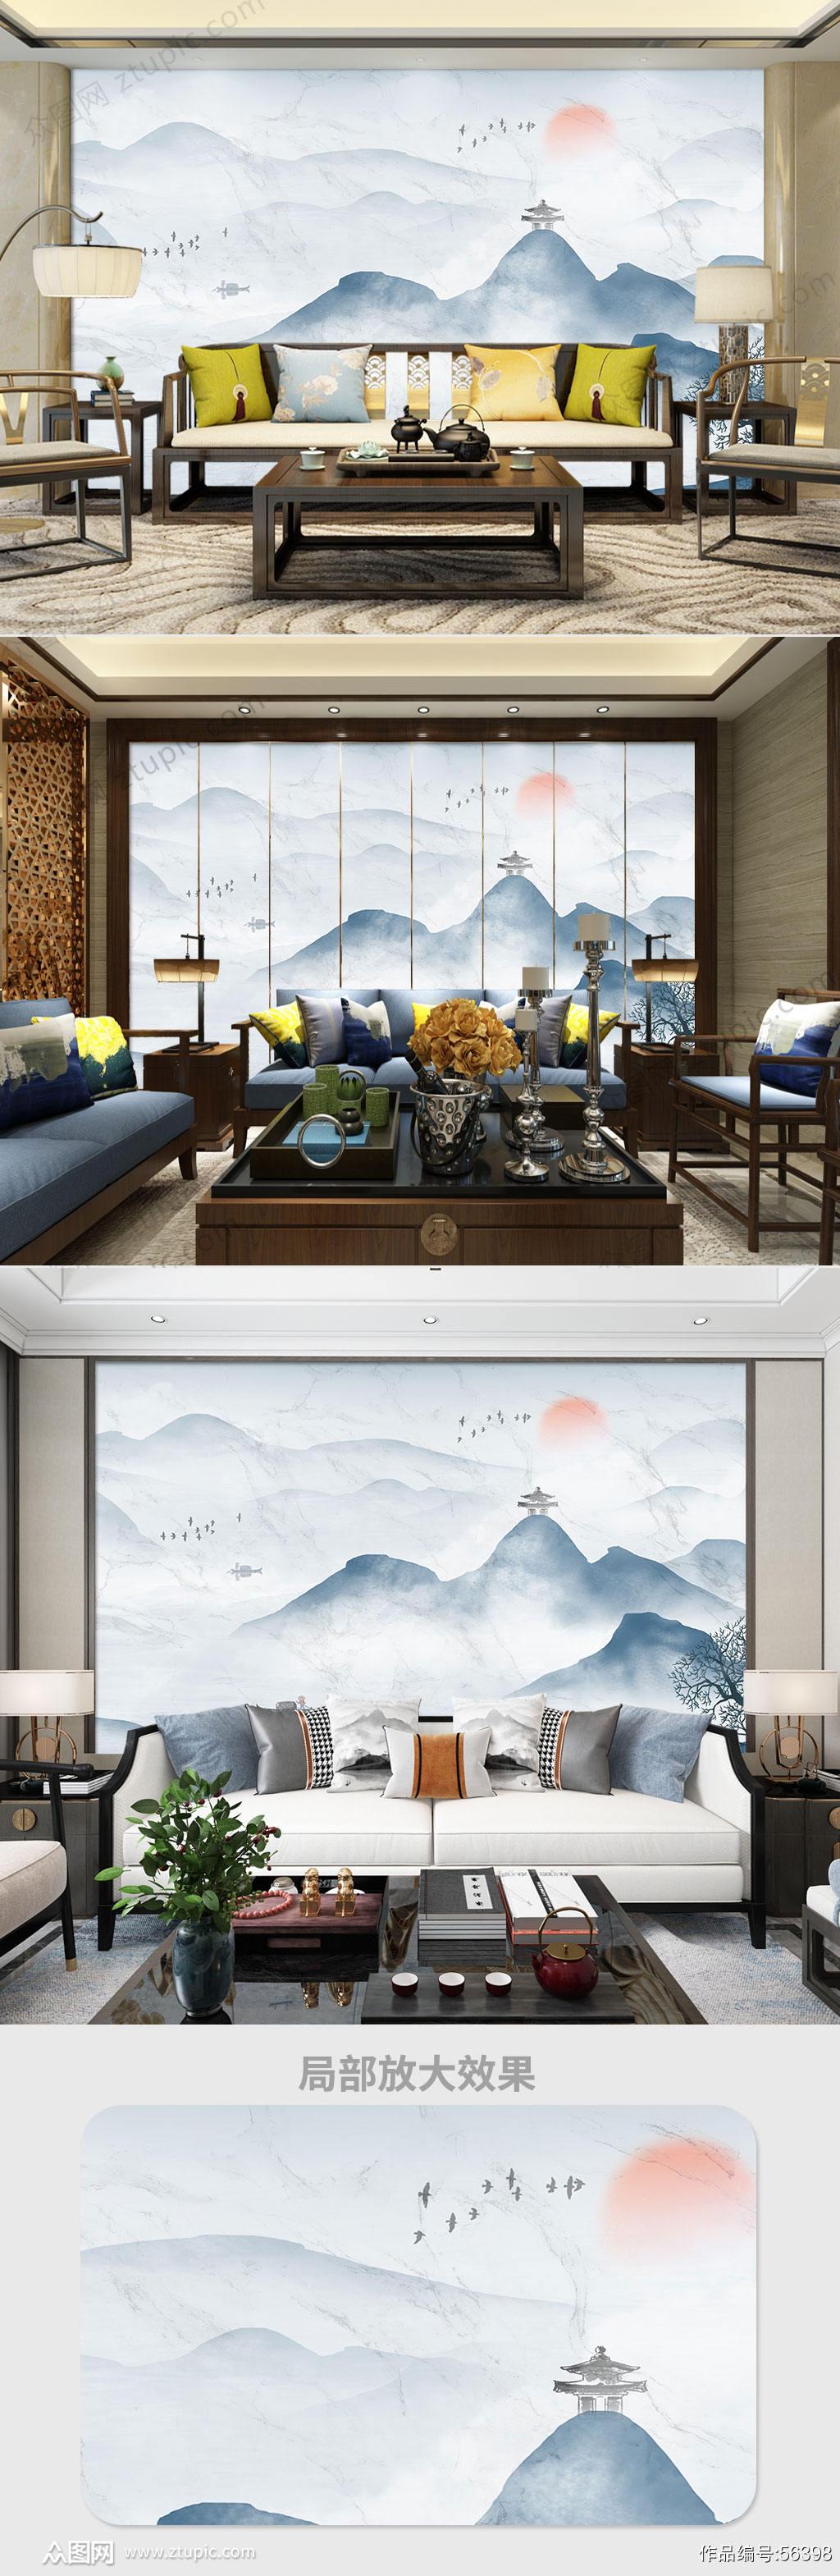 灰色高清大理石纹意境山水电视背景墙素材